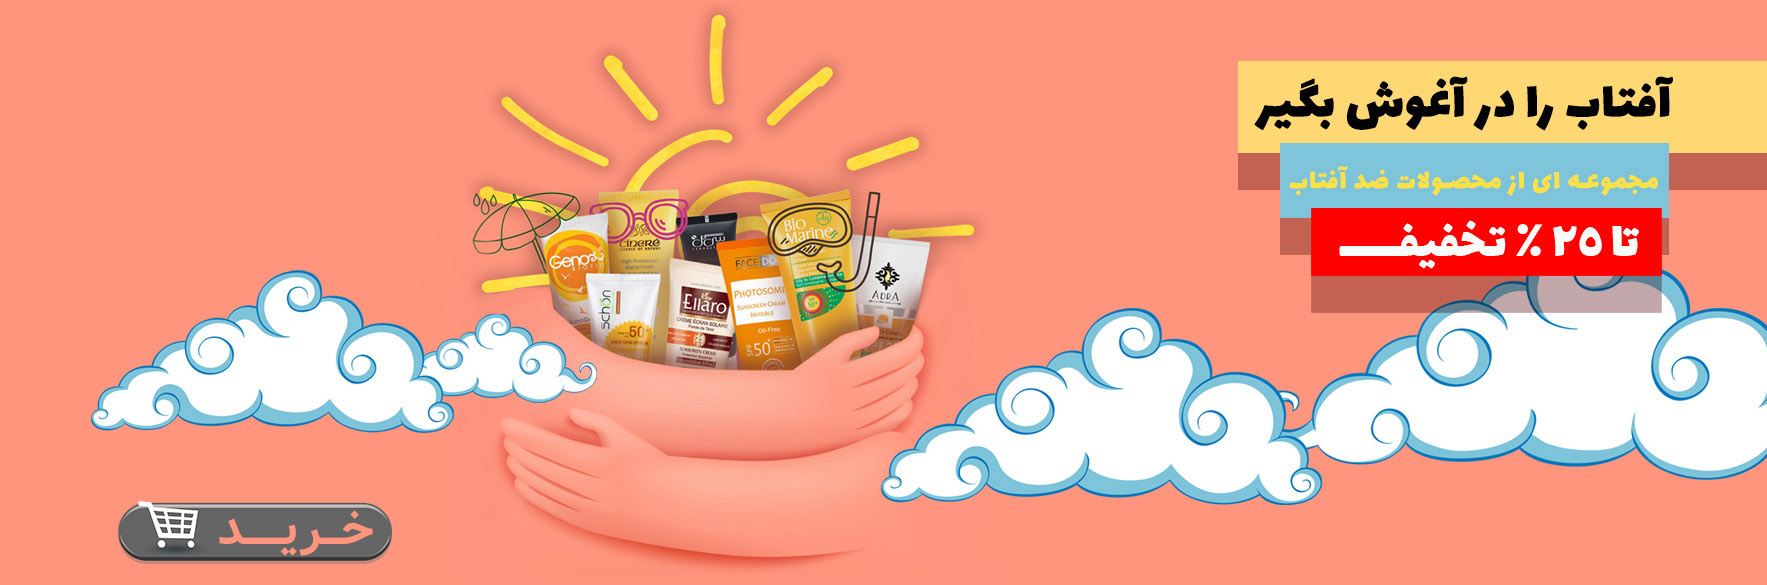 اسلایدر محصولات ضد آفتاب